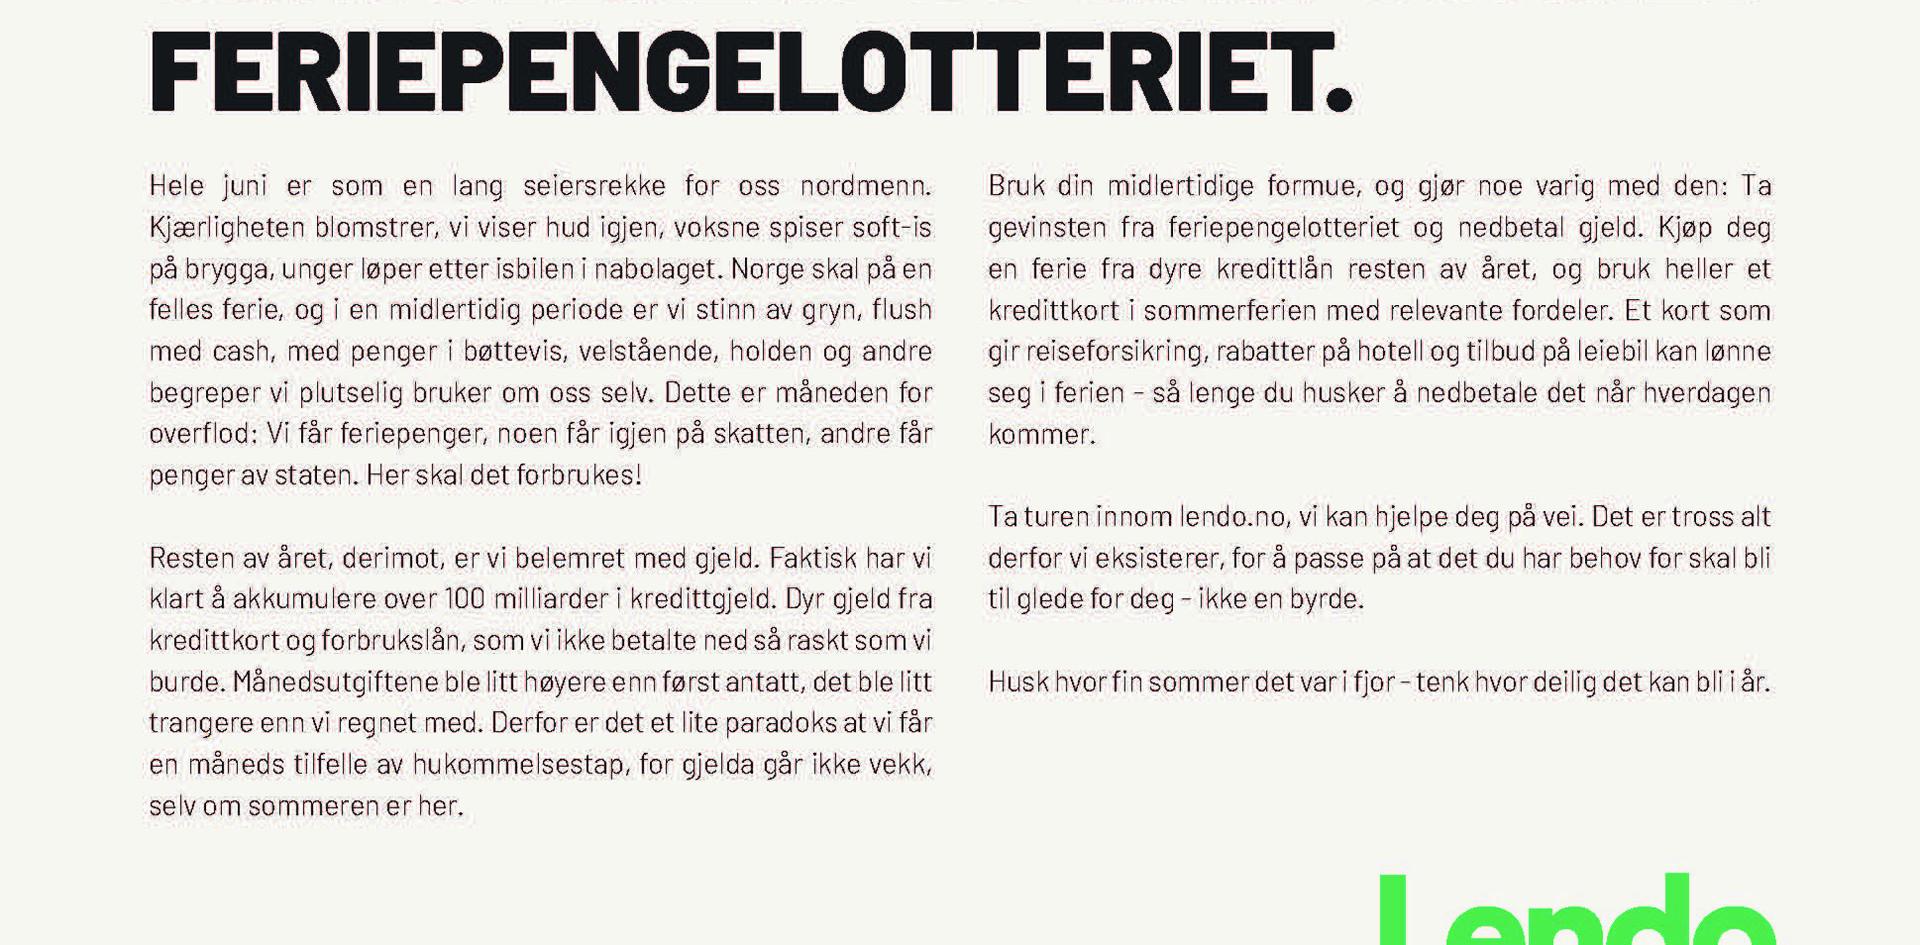 Aftenposten - Feriepenger